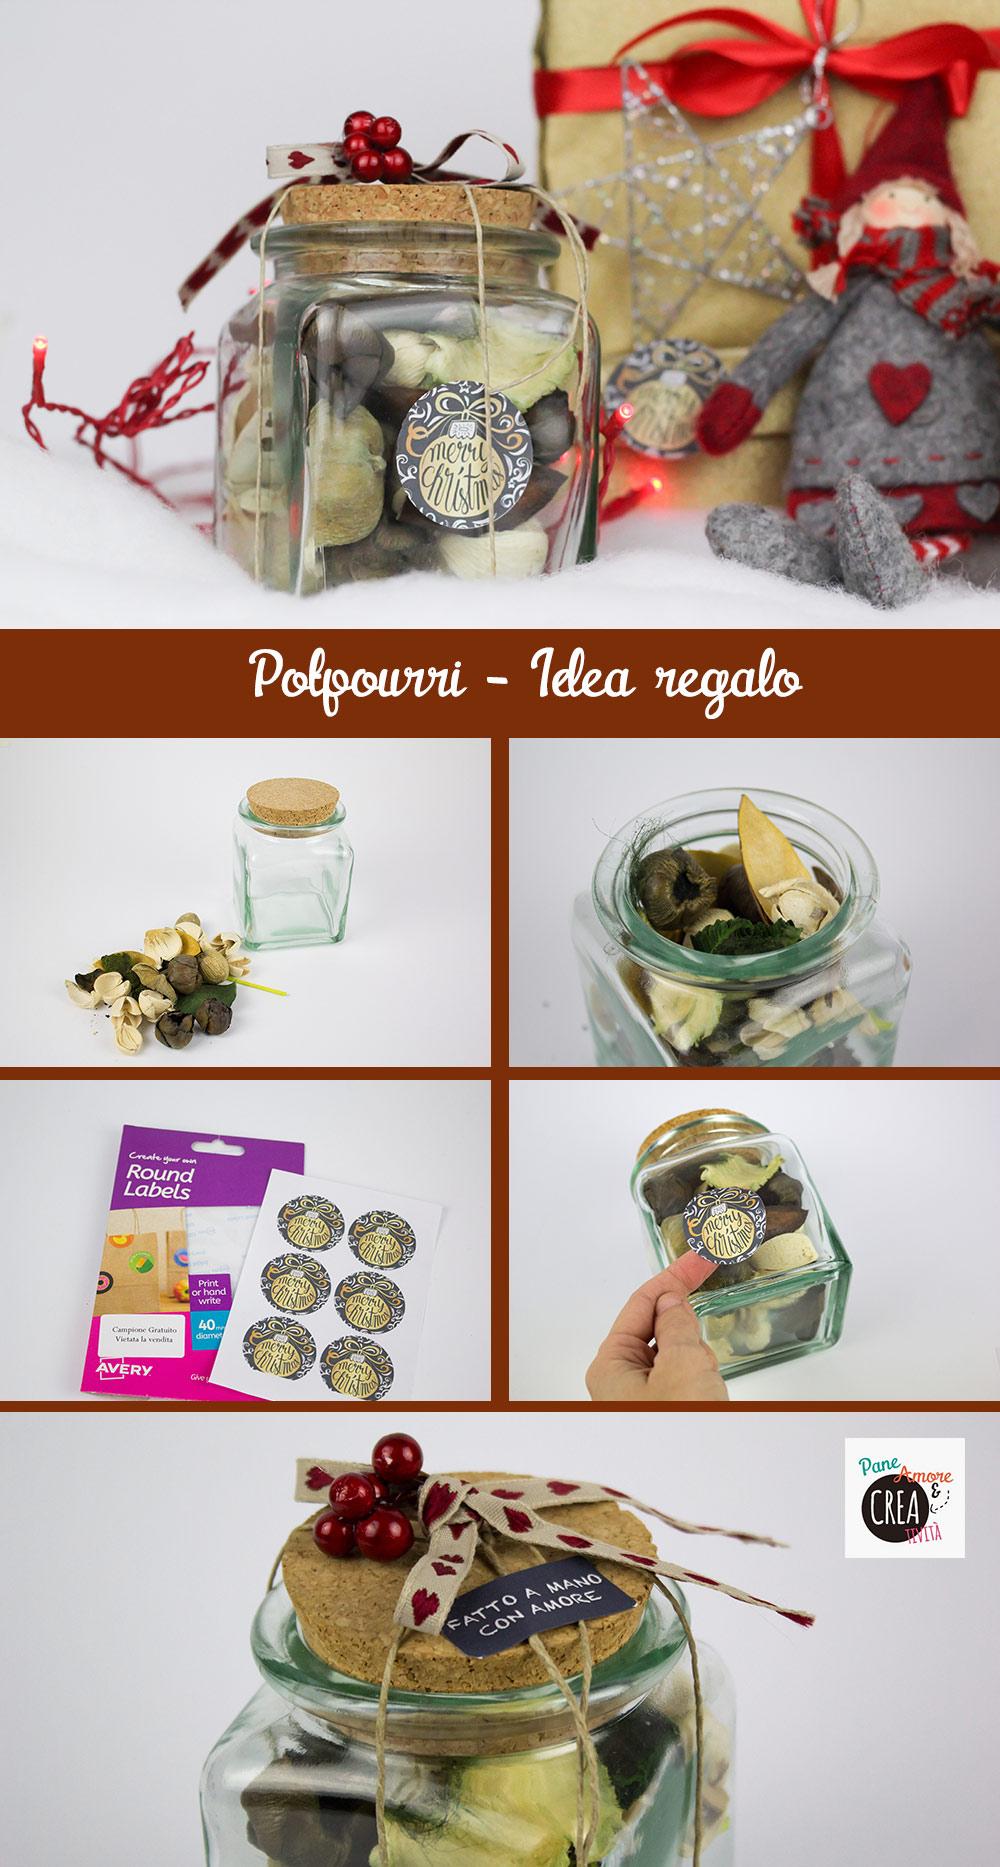 potpourri-idea-regalo-natale-etichette-avery